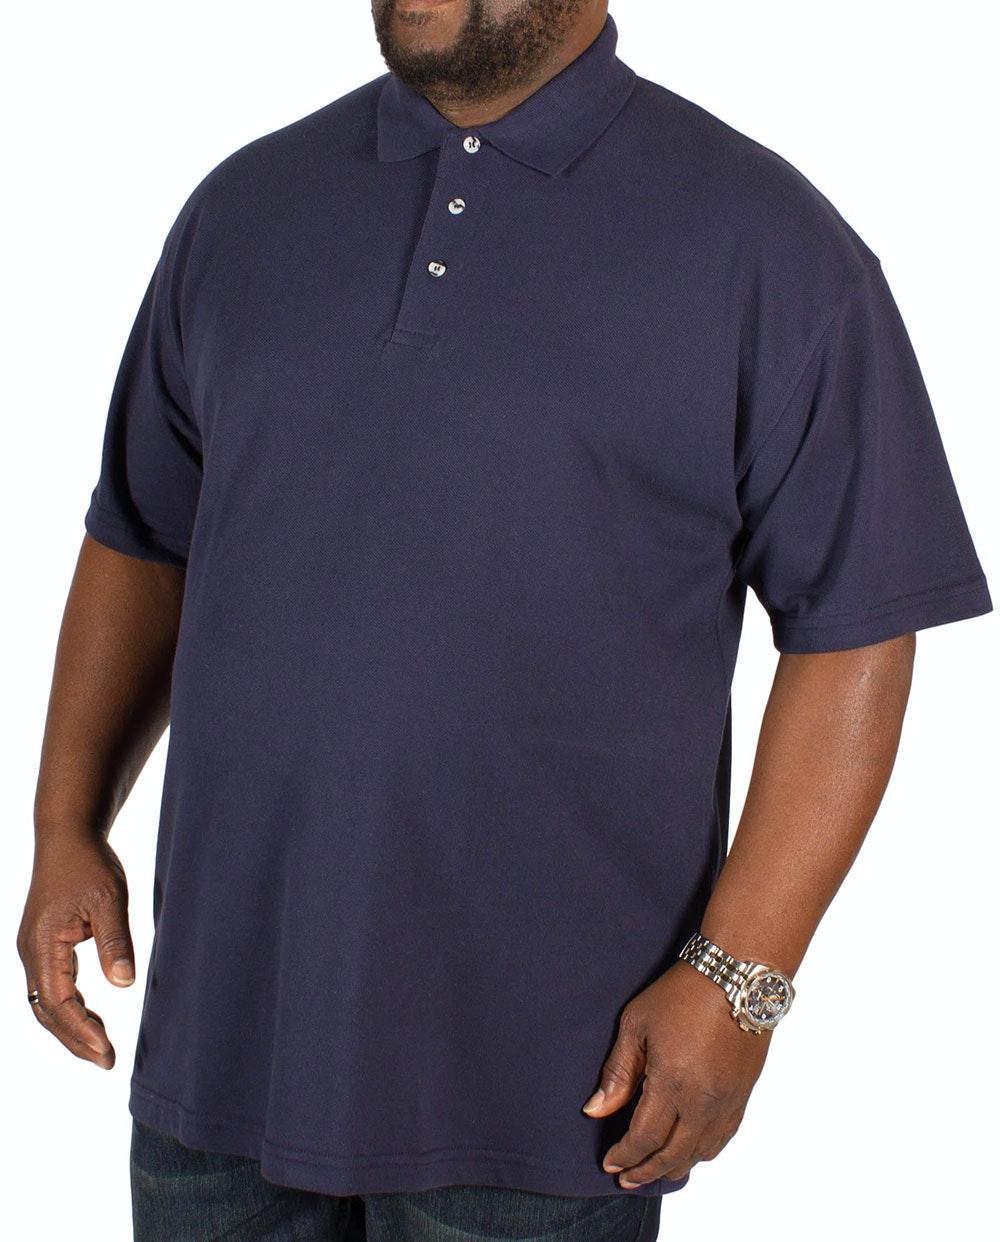 RTY Pique Polo Shirt Navy